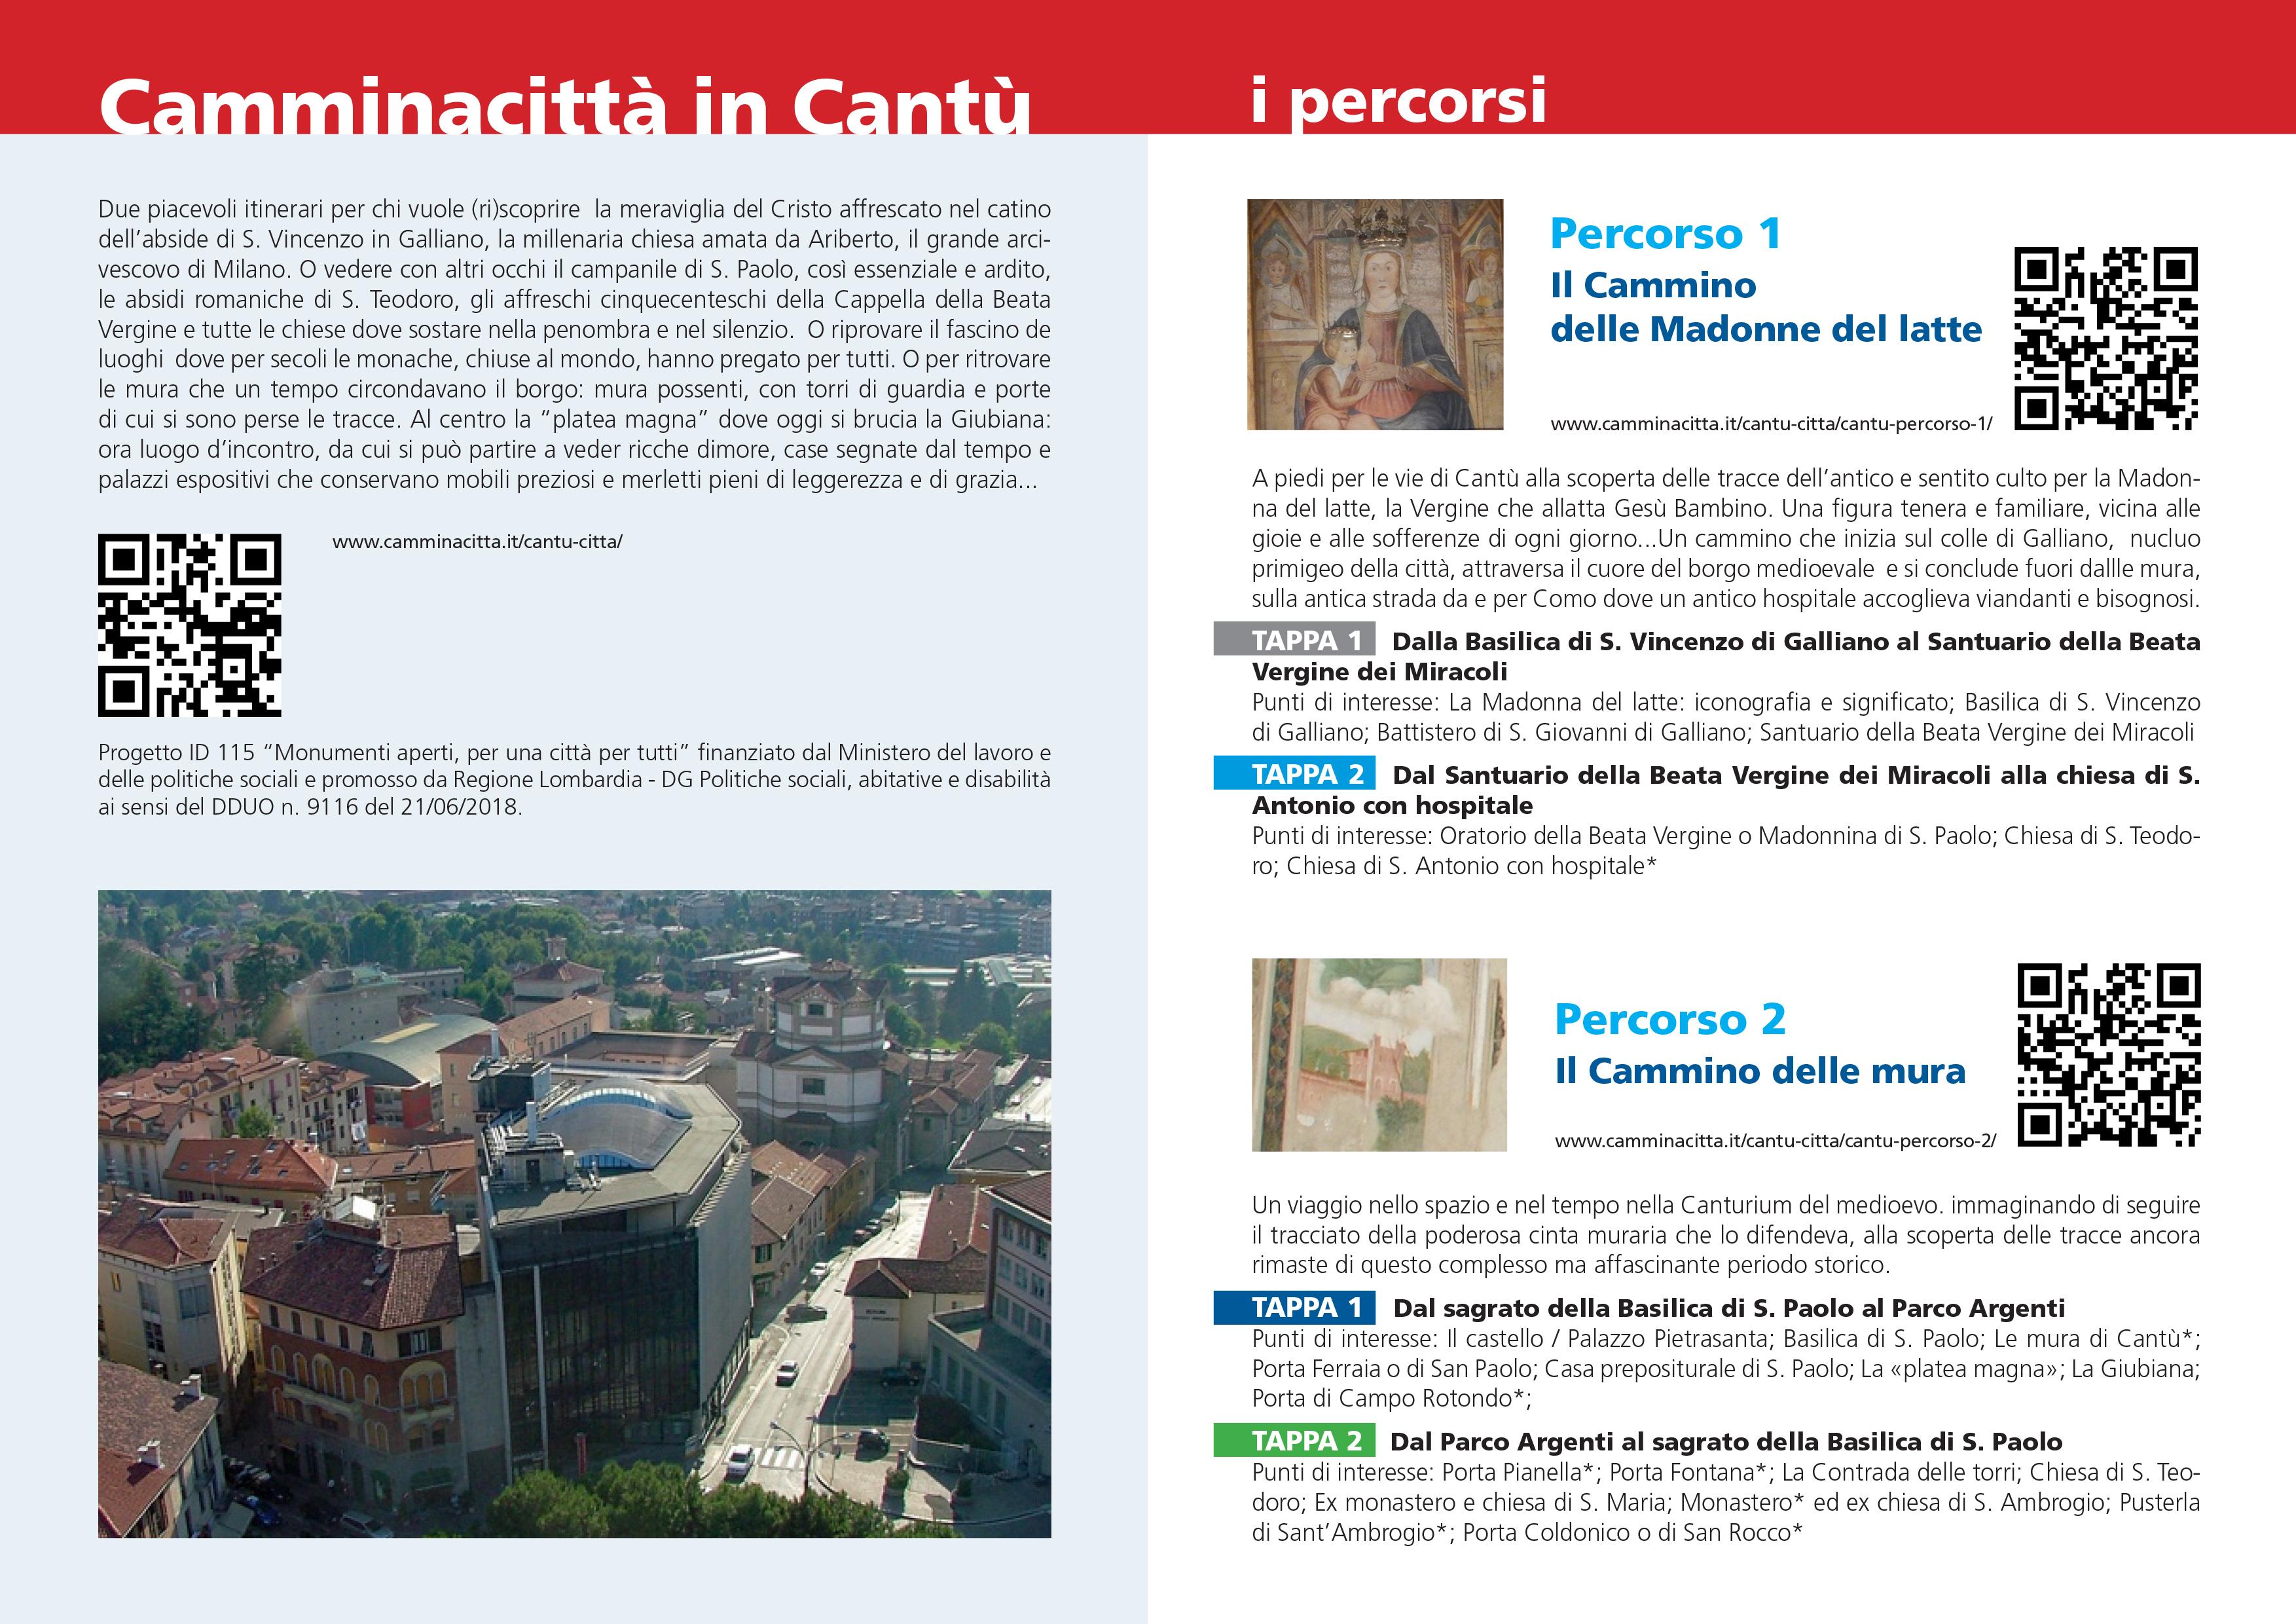 nuovi percorsi in Cantù